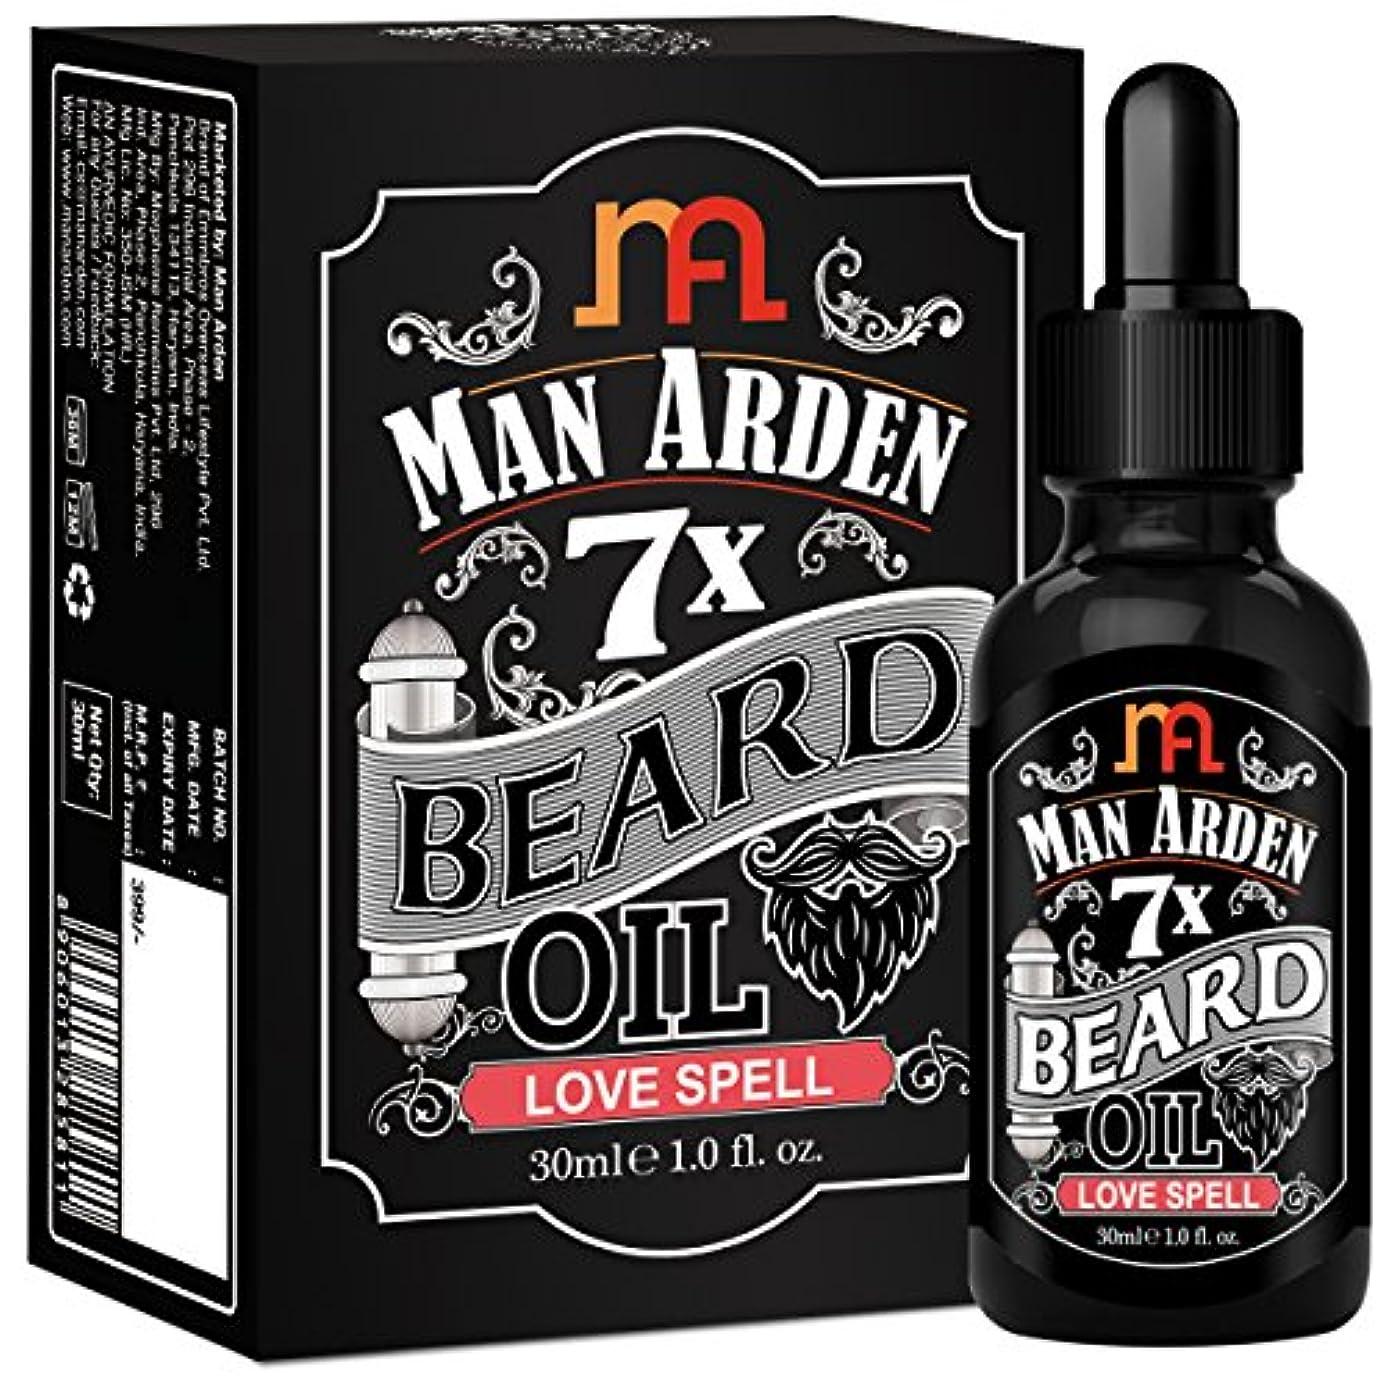 落胆させるエンジニアストレスの多いMan Arden 7X Beard Oil 30ml (Love Spell) - 7 Premium Oils Blend For Beard Growth & Nourishment